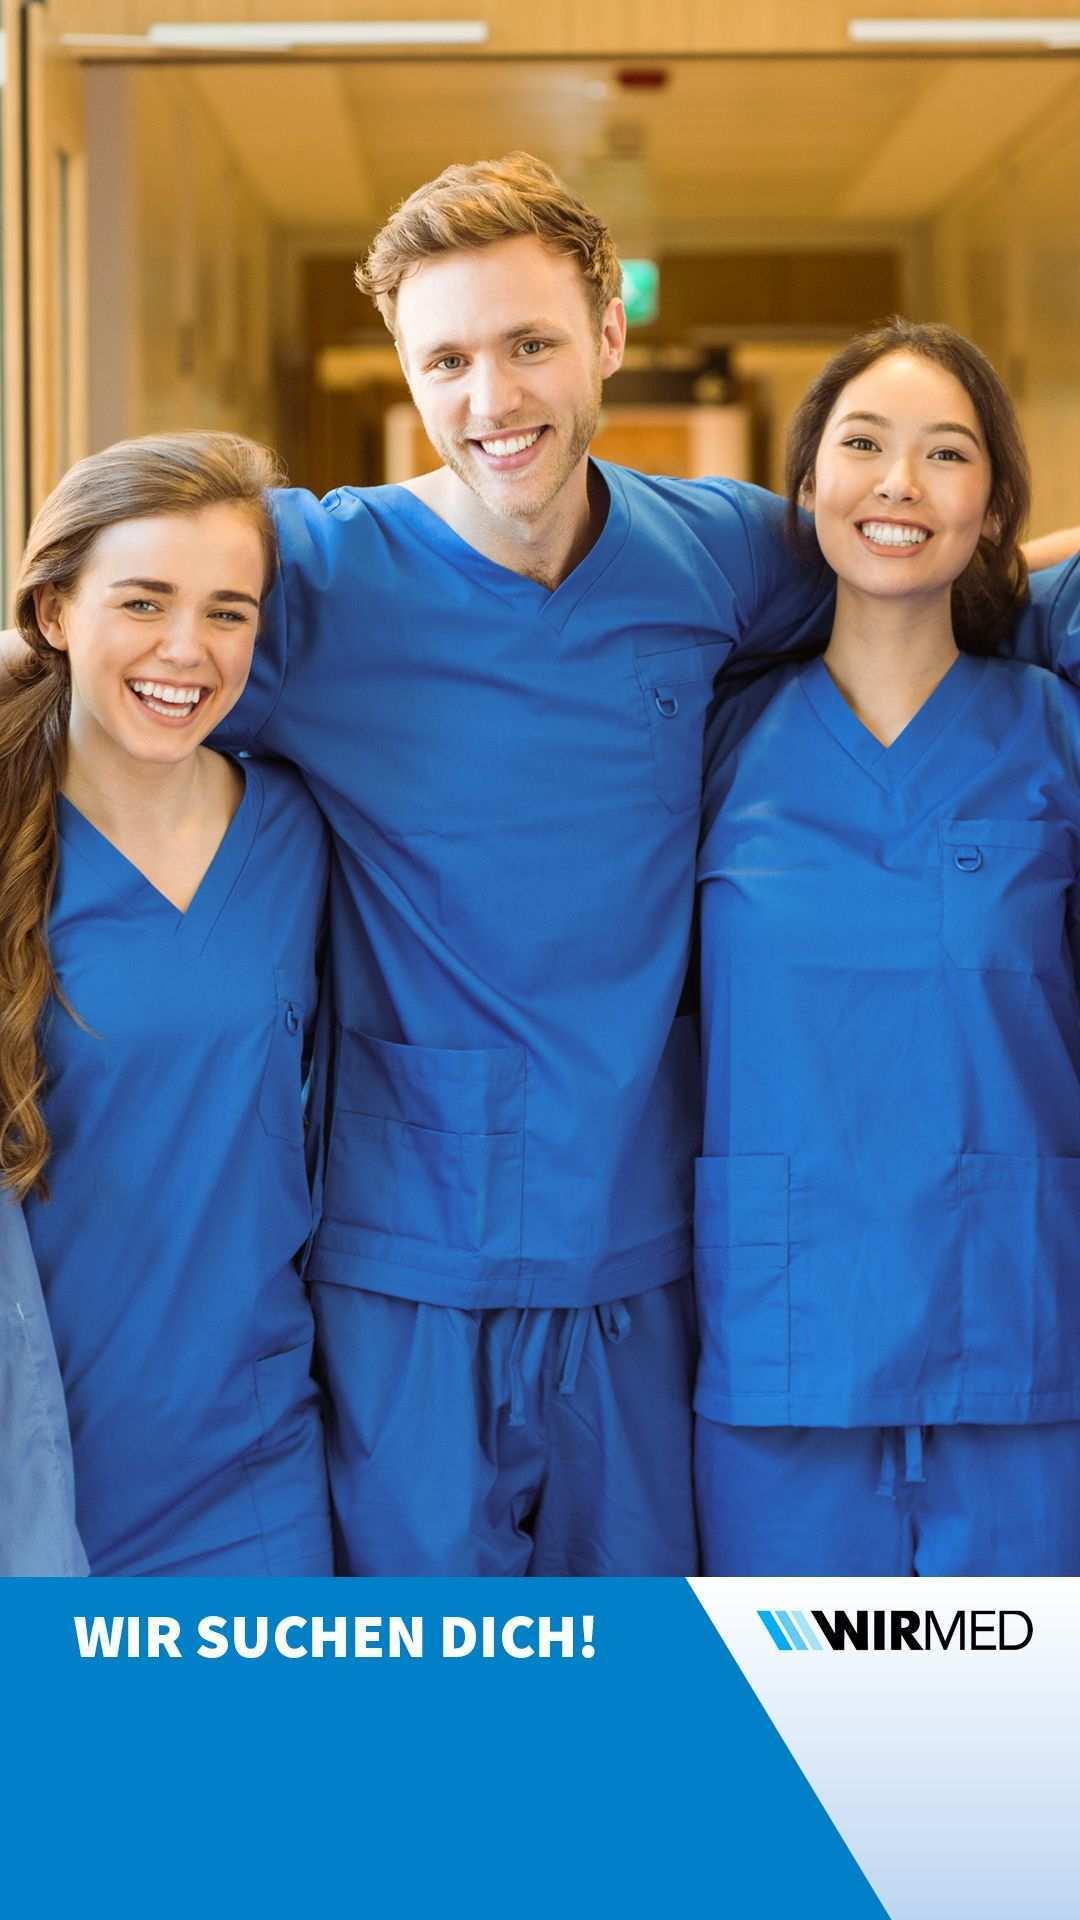 Wir Suchen Dich Gesundheits Und Krankenpfleger Altenpflegerin Krankenpfleger